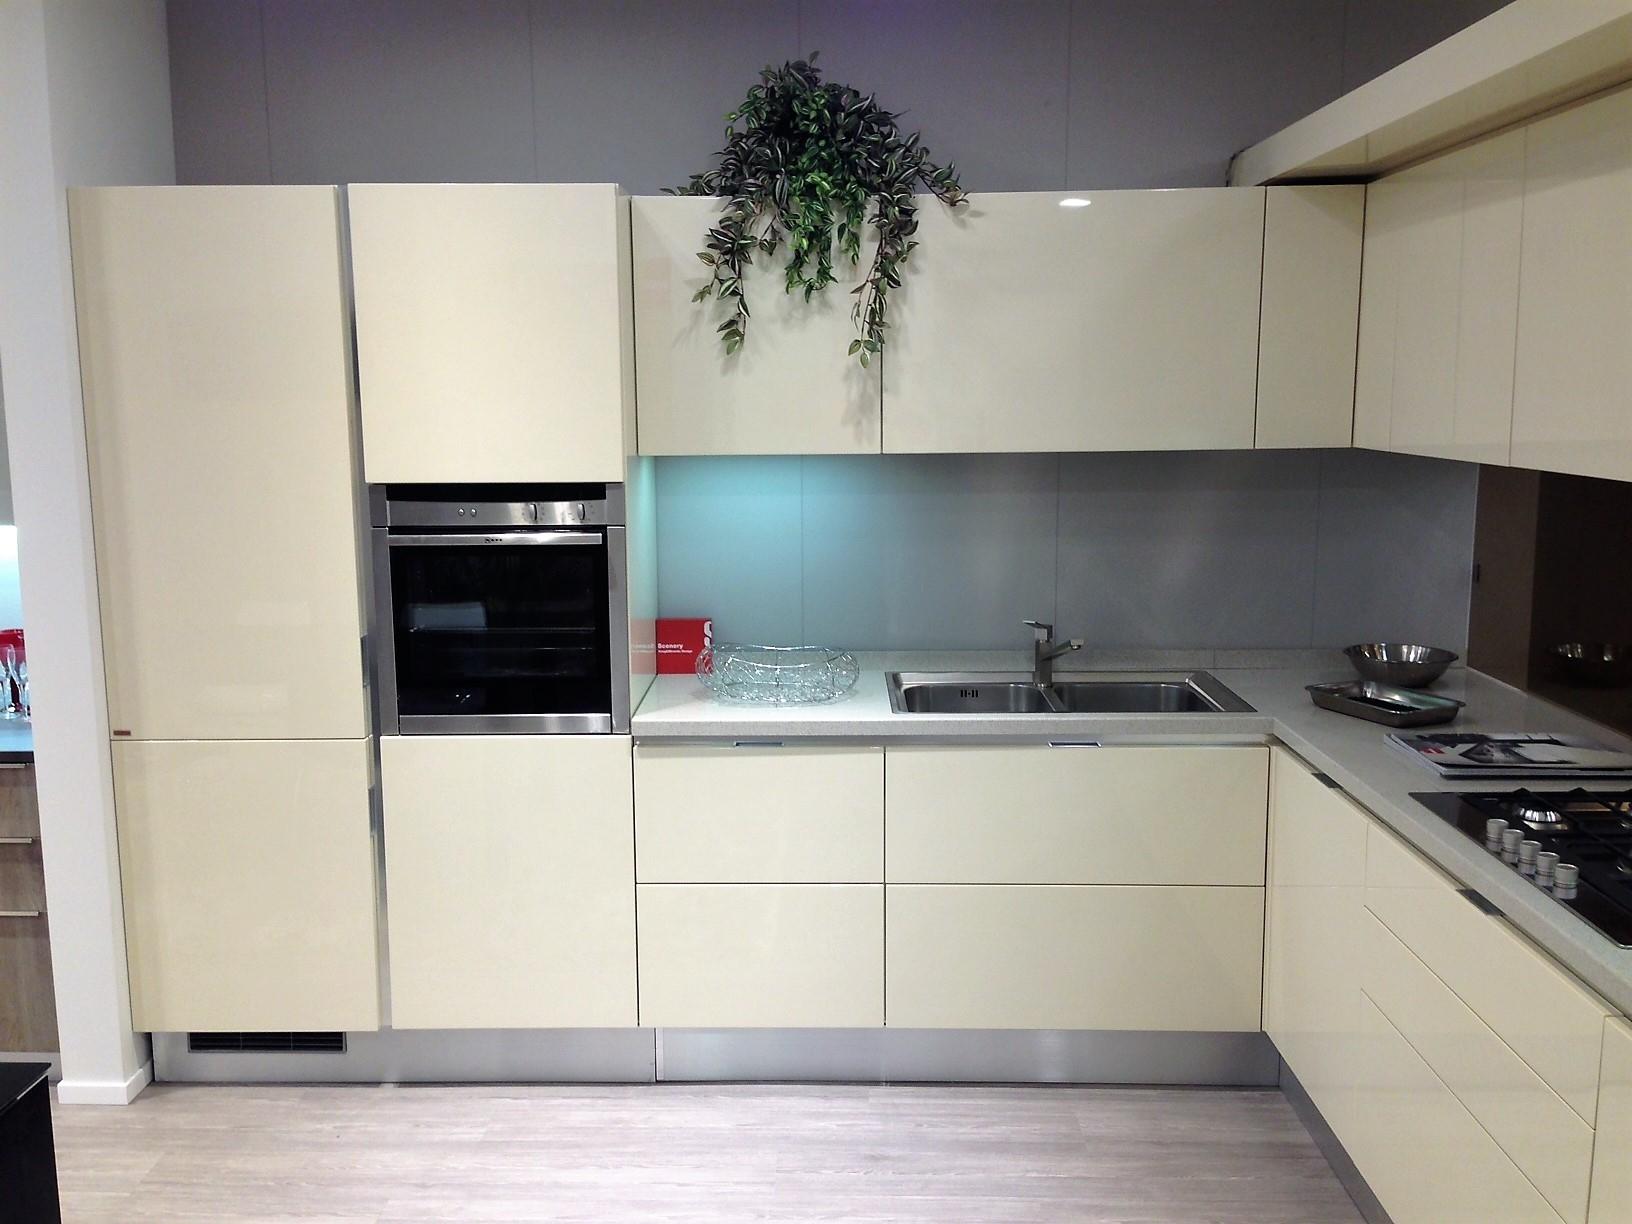 Cucina Scenery Scavolini ~ Idee Creative su Design Per La Casa e Interni